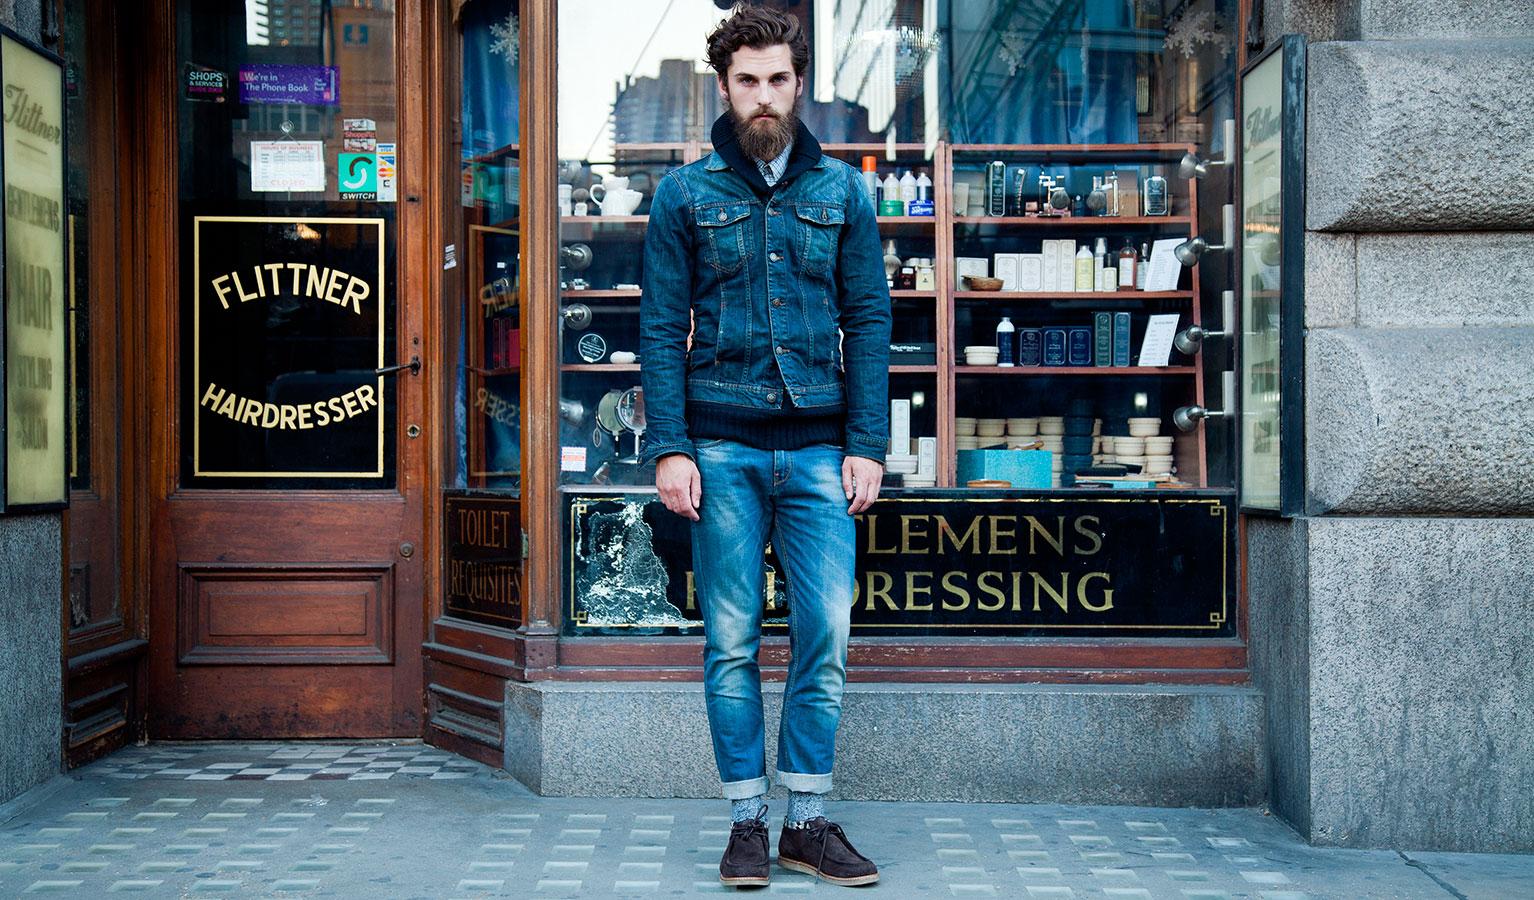 Blog De Moda Hipster Quemepongopara